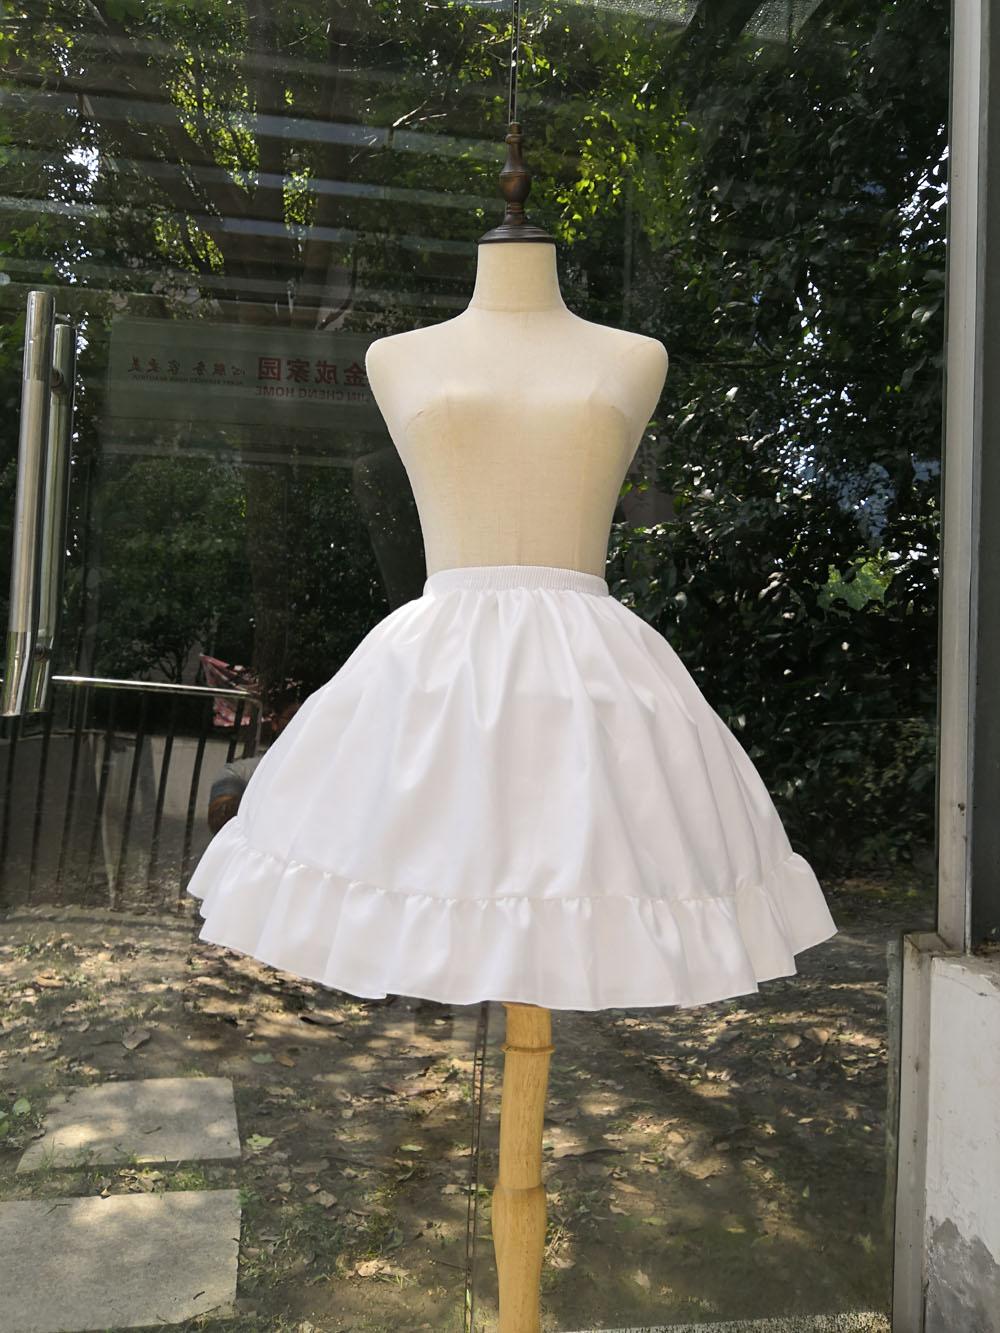 cosplay日常洛丽塔鱼骨裙撑lolita可调节暴力卡门衬裙棉绸蓬蓬裙【图3】